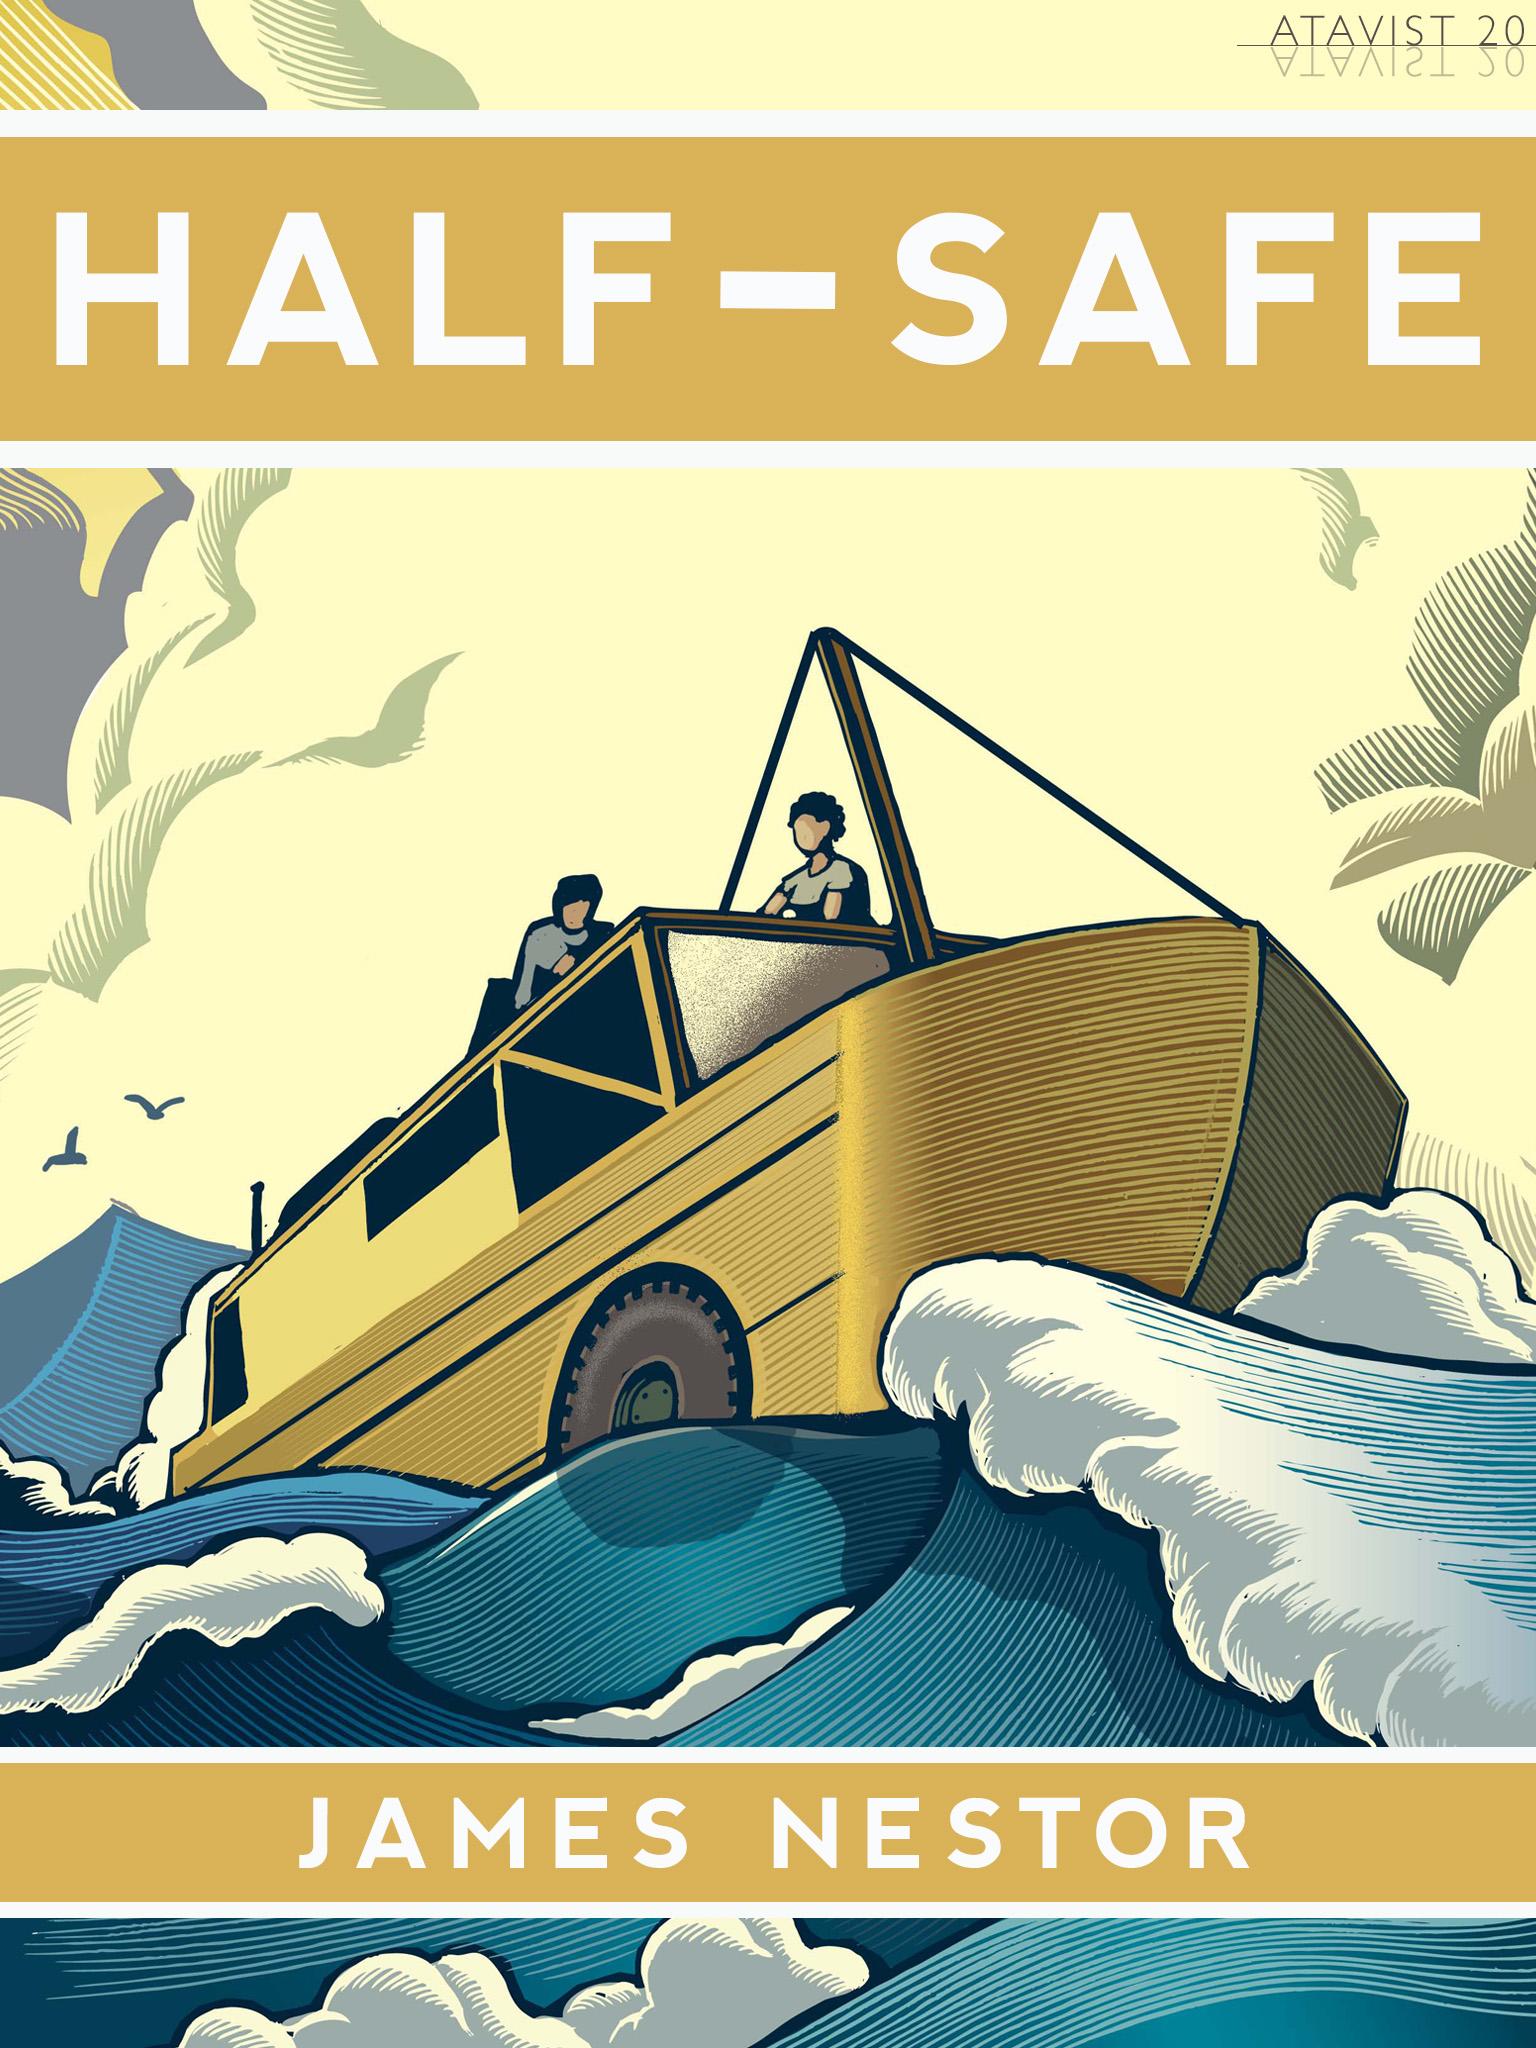 halfsafeco1-1394141217-48.jpg